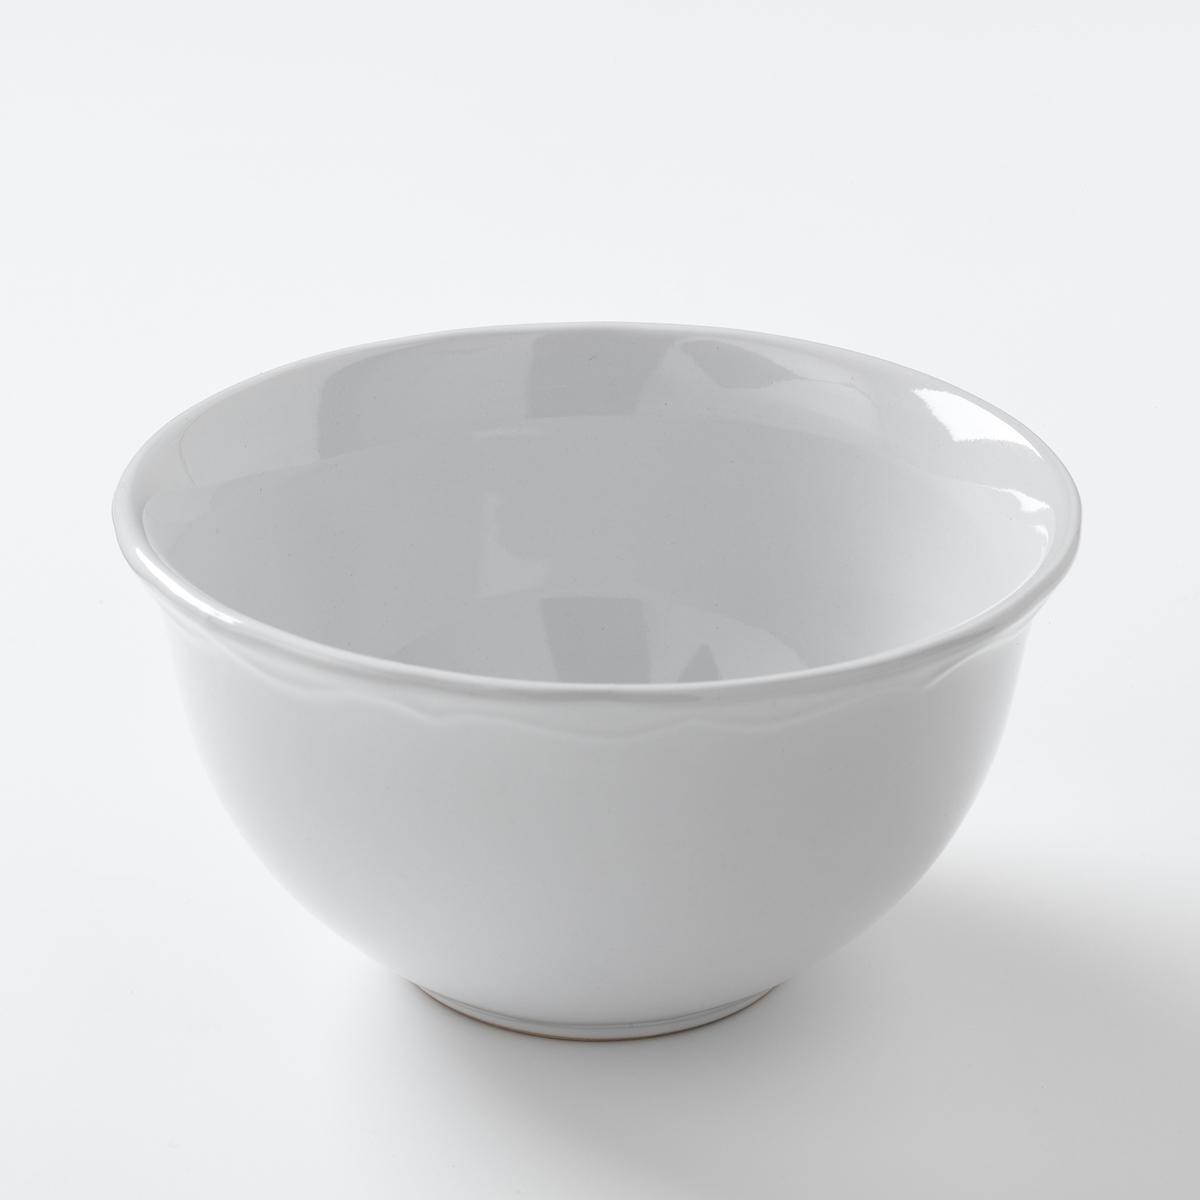 Ajila Scalloped Earthenware Bowls (Set of 4)